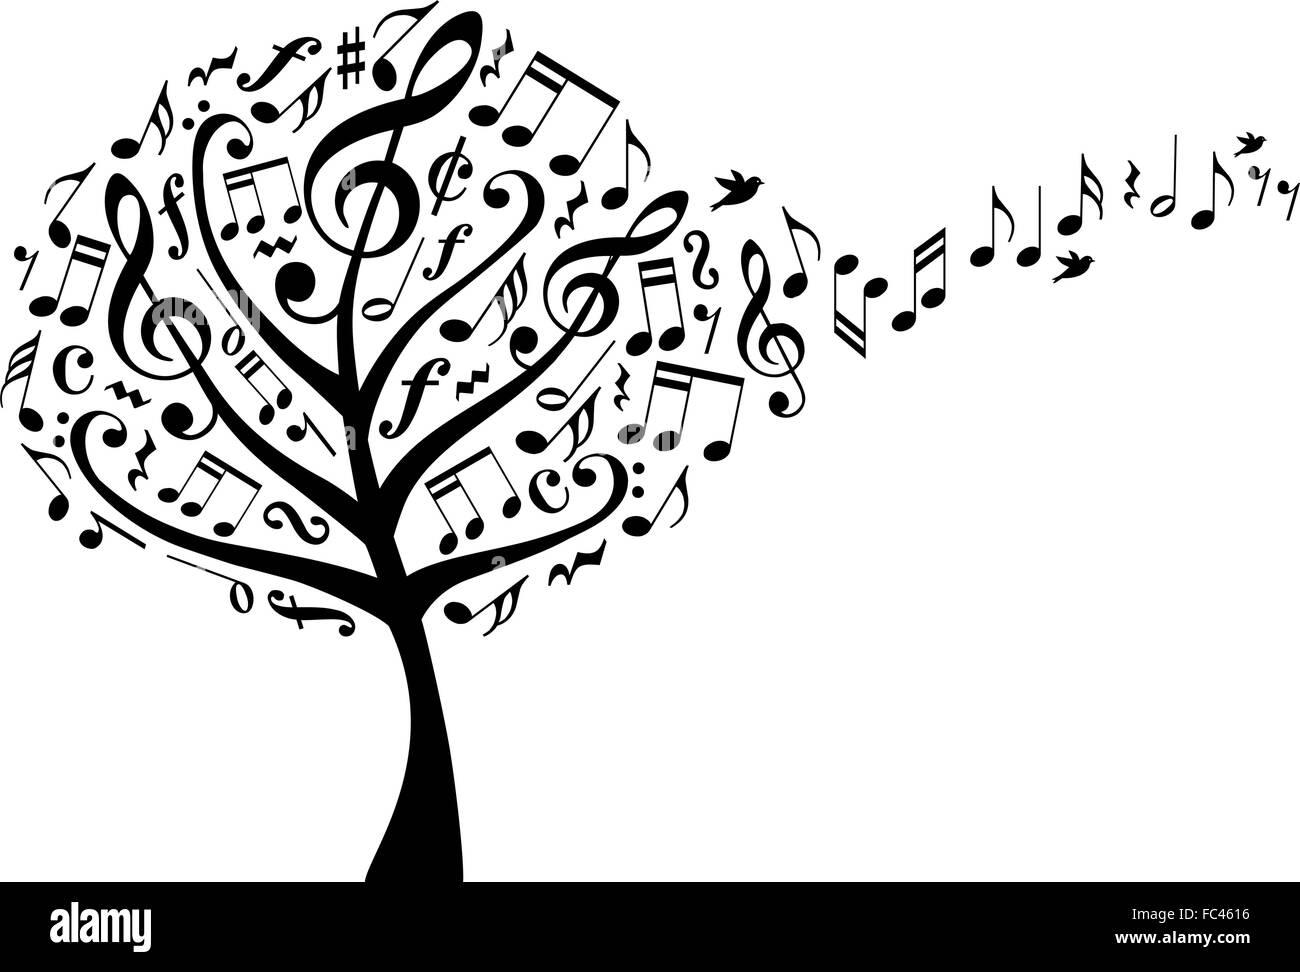 Musik mit Treble Clefs Baum und fliegenden Noten, Vektor-illustration Stockbild